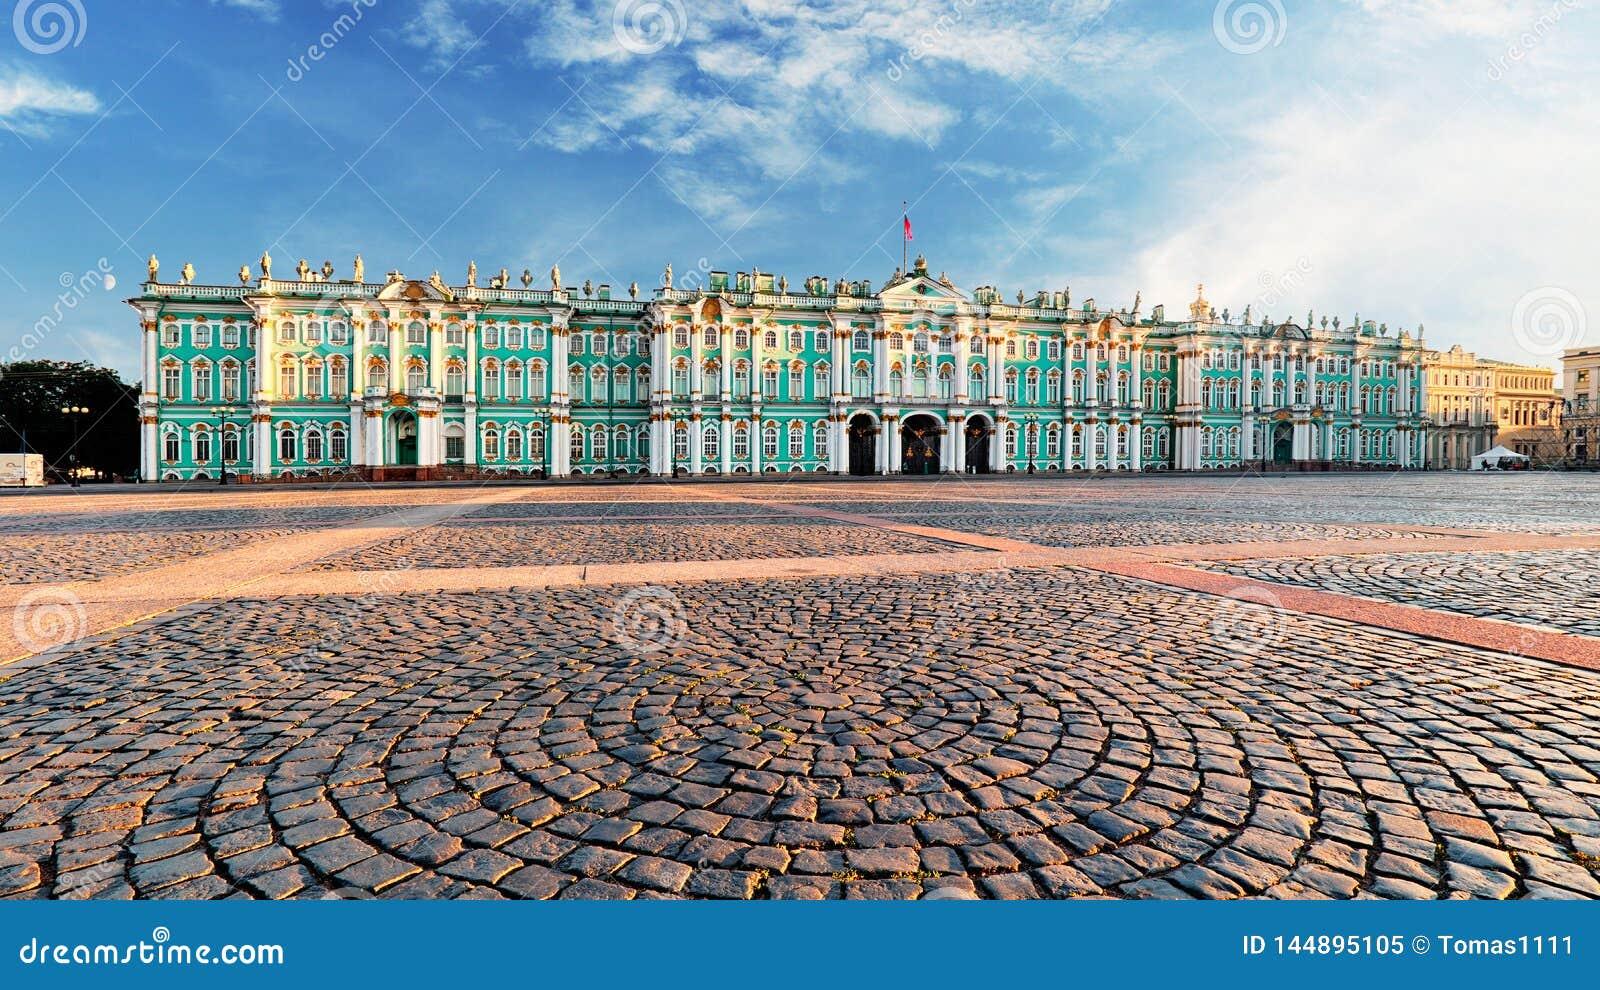 Χειμερινό παλάτι - ερημητήριο σε Άγιο Πετρούπολη, Ρωσία